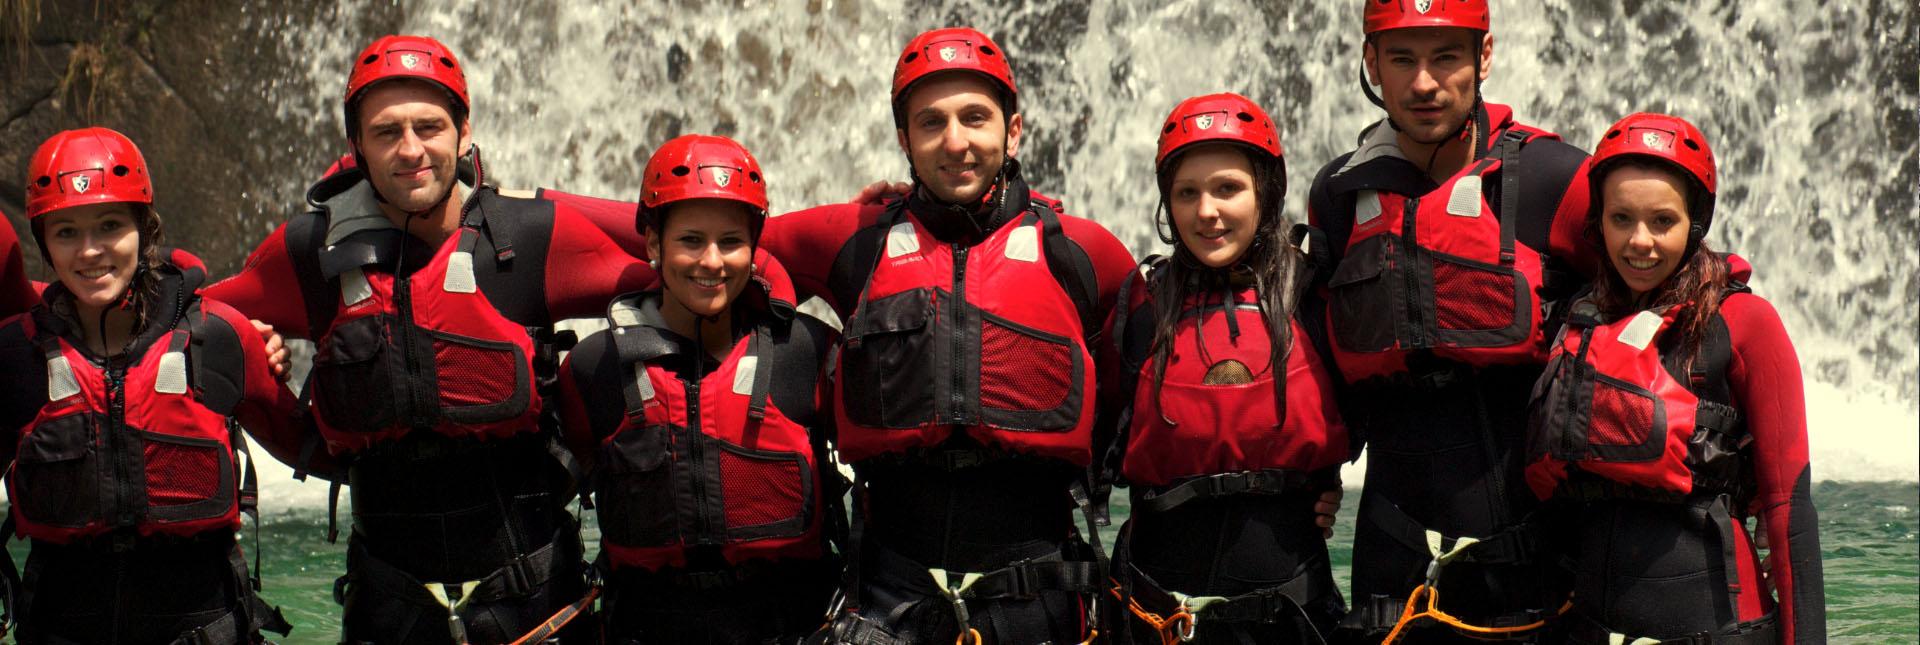 canyoning-trentino-sport-divertimento-dolomiti-lago-di-ledro-lago-di-garda-6